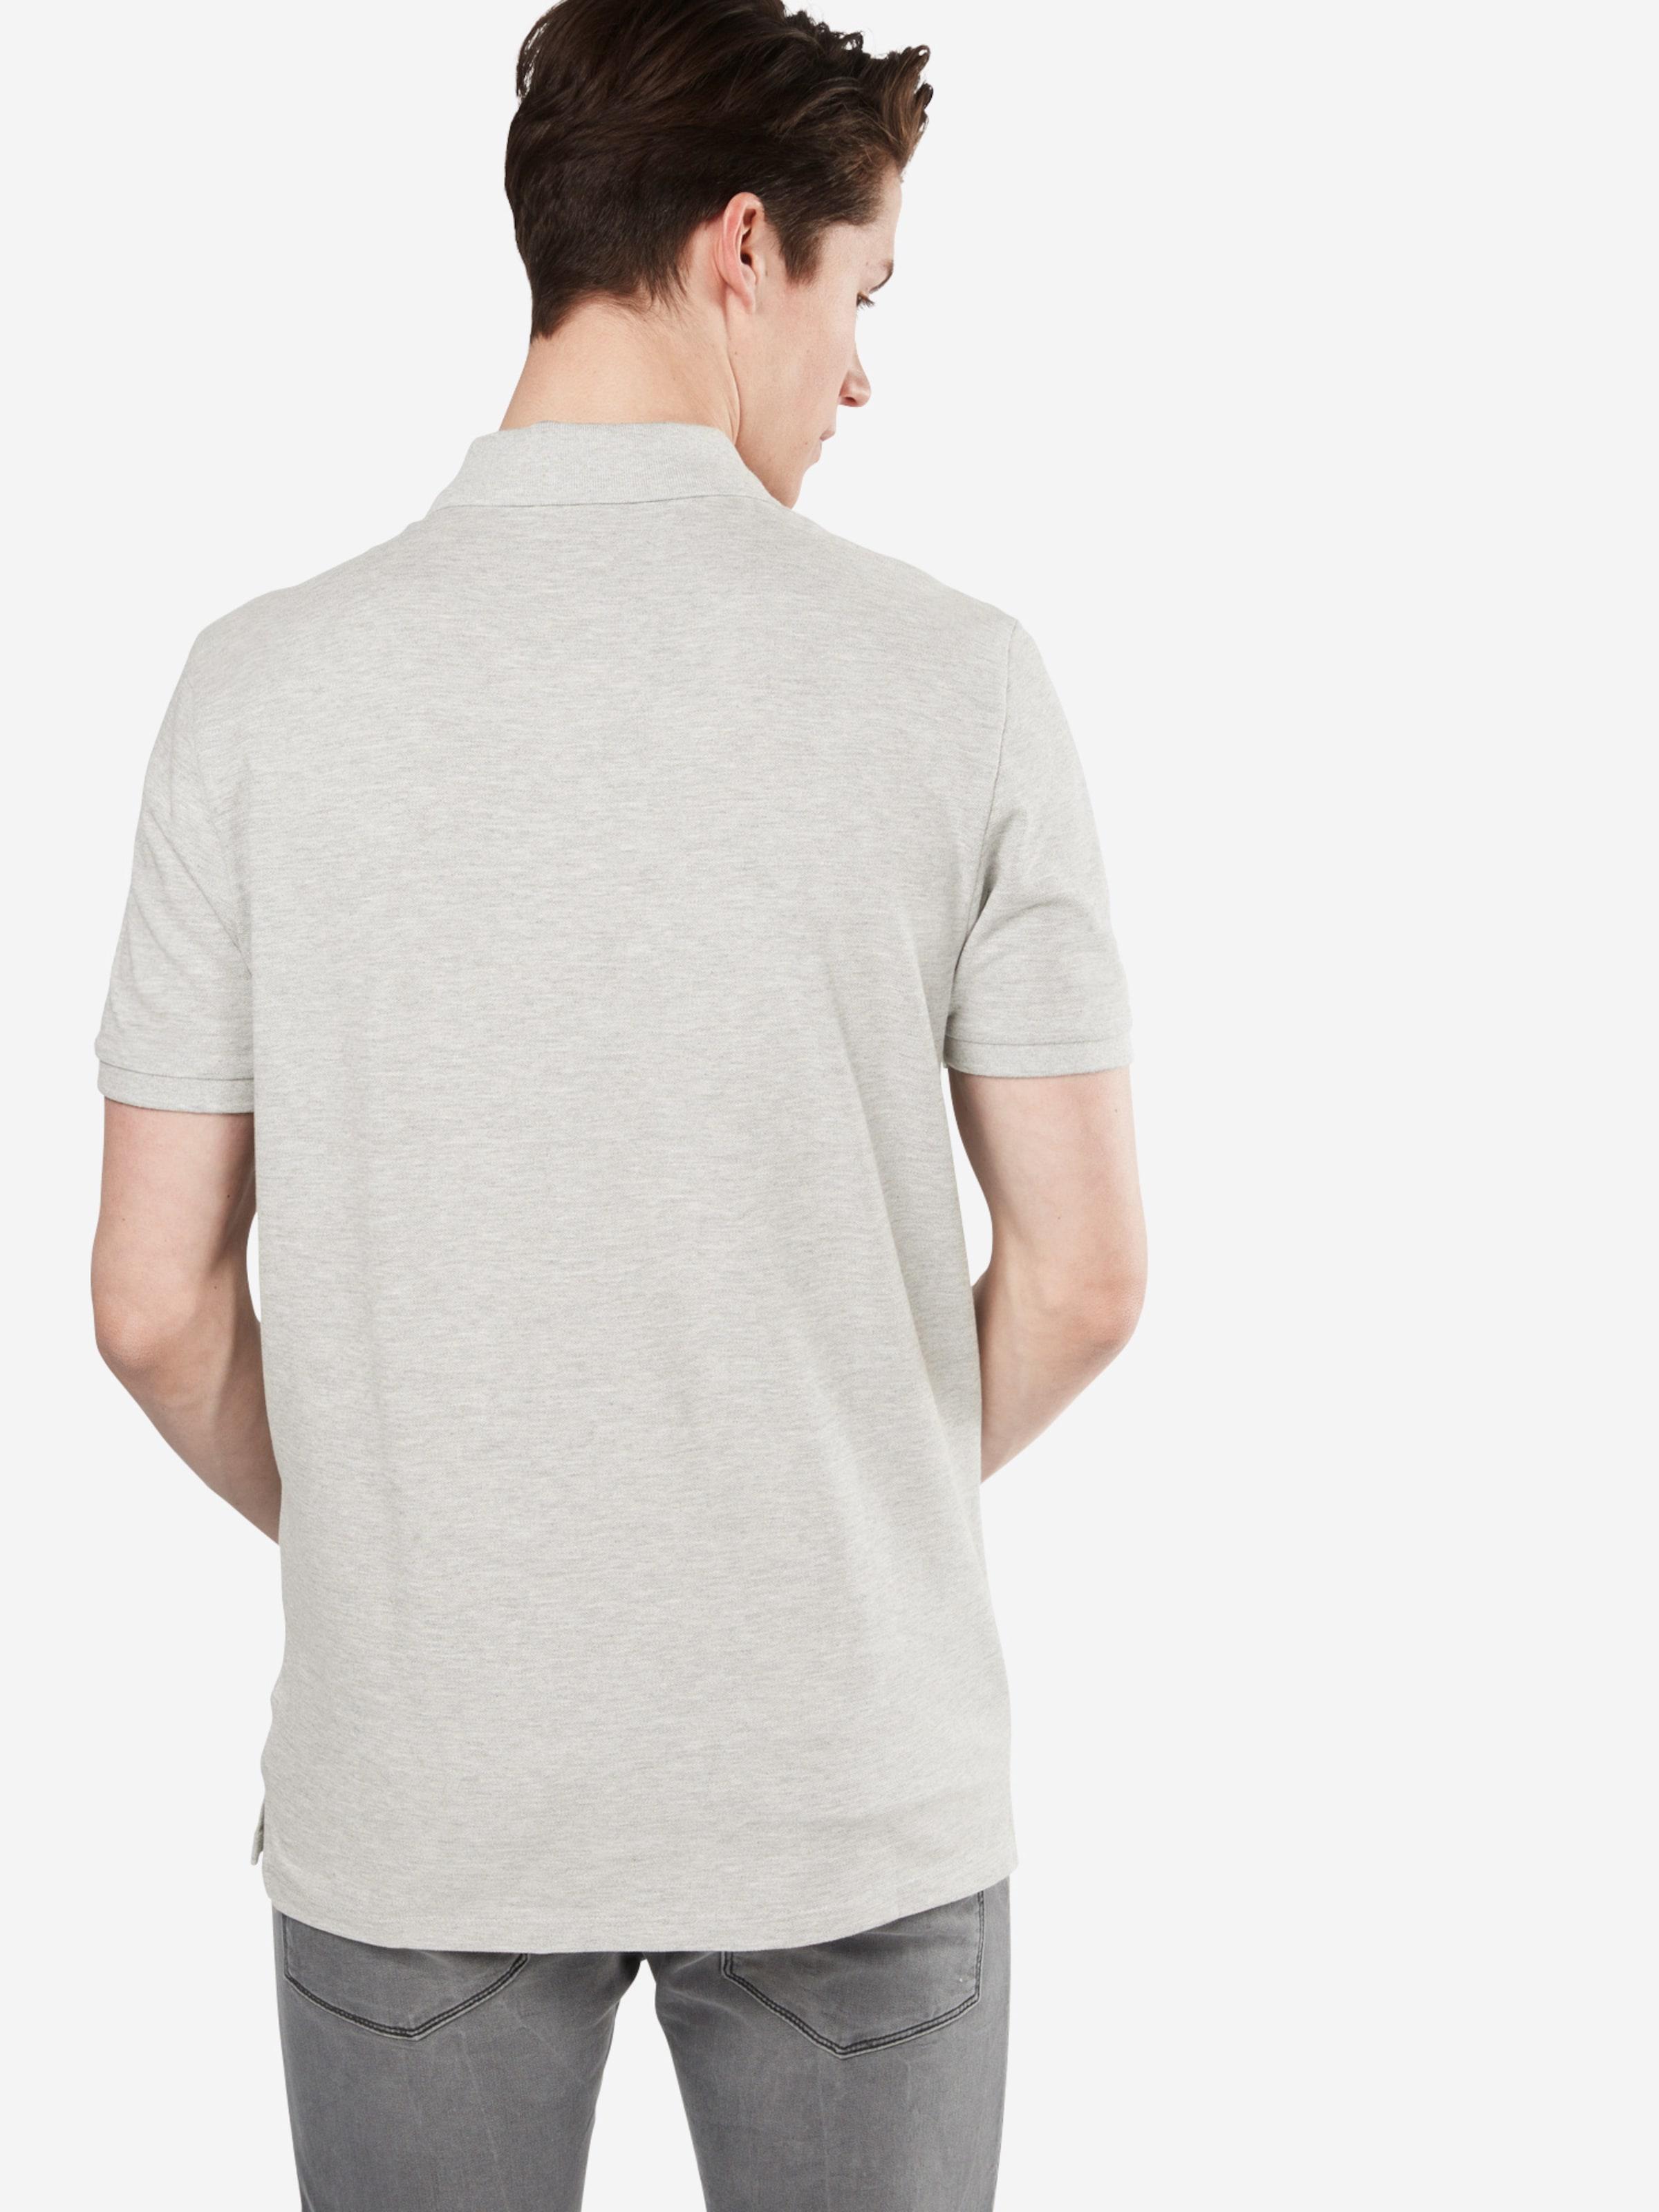 HUGO Poloshirt 'Donos' Billig Verkauf Sehr Billig Auslass Browse Spielraum Größte Lieferant 2018 GHIZB